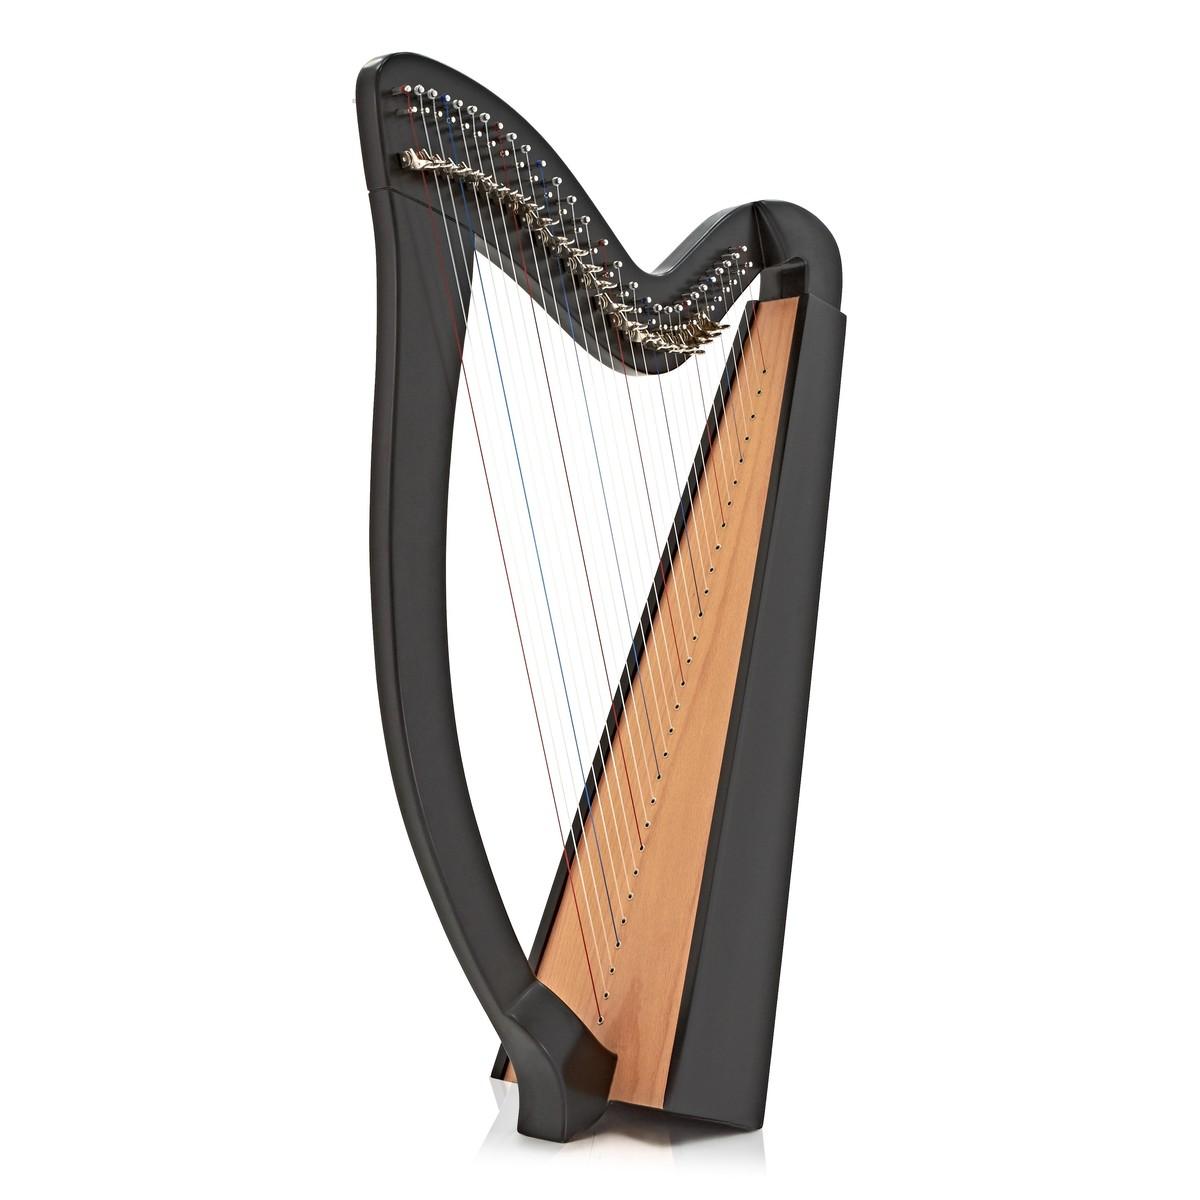 Harpen te koop bij Gear4music.com